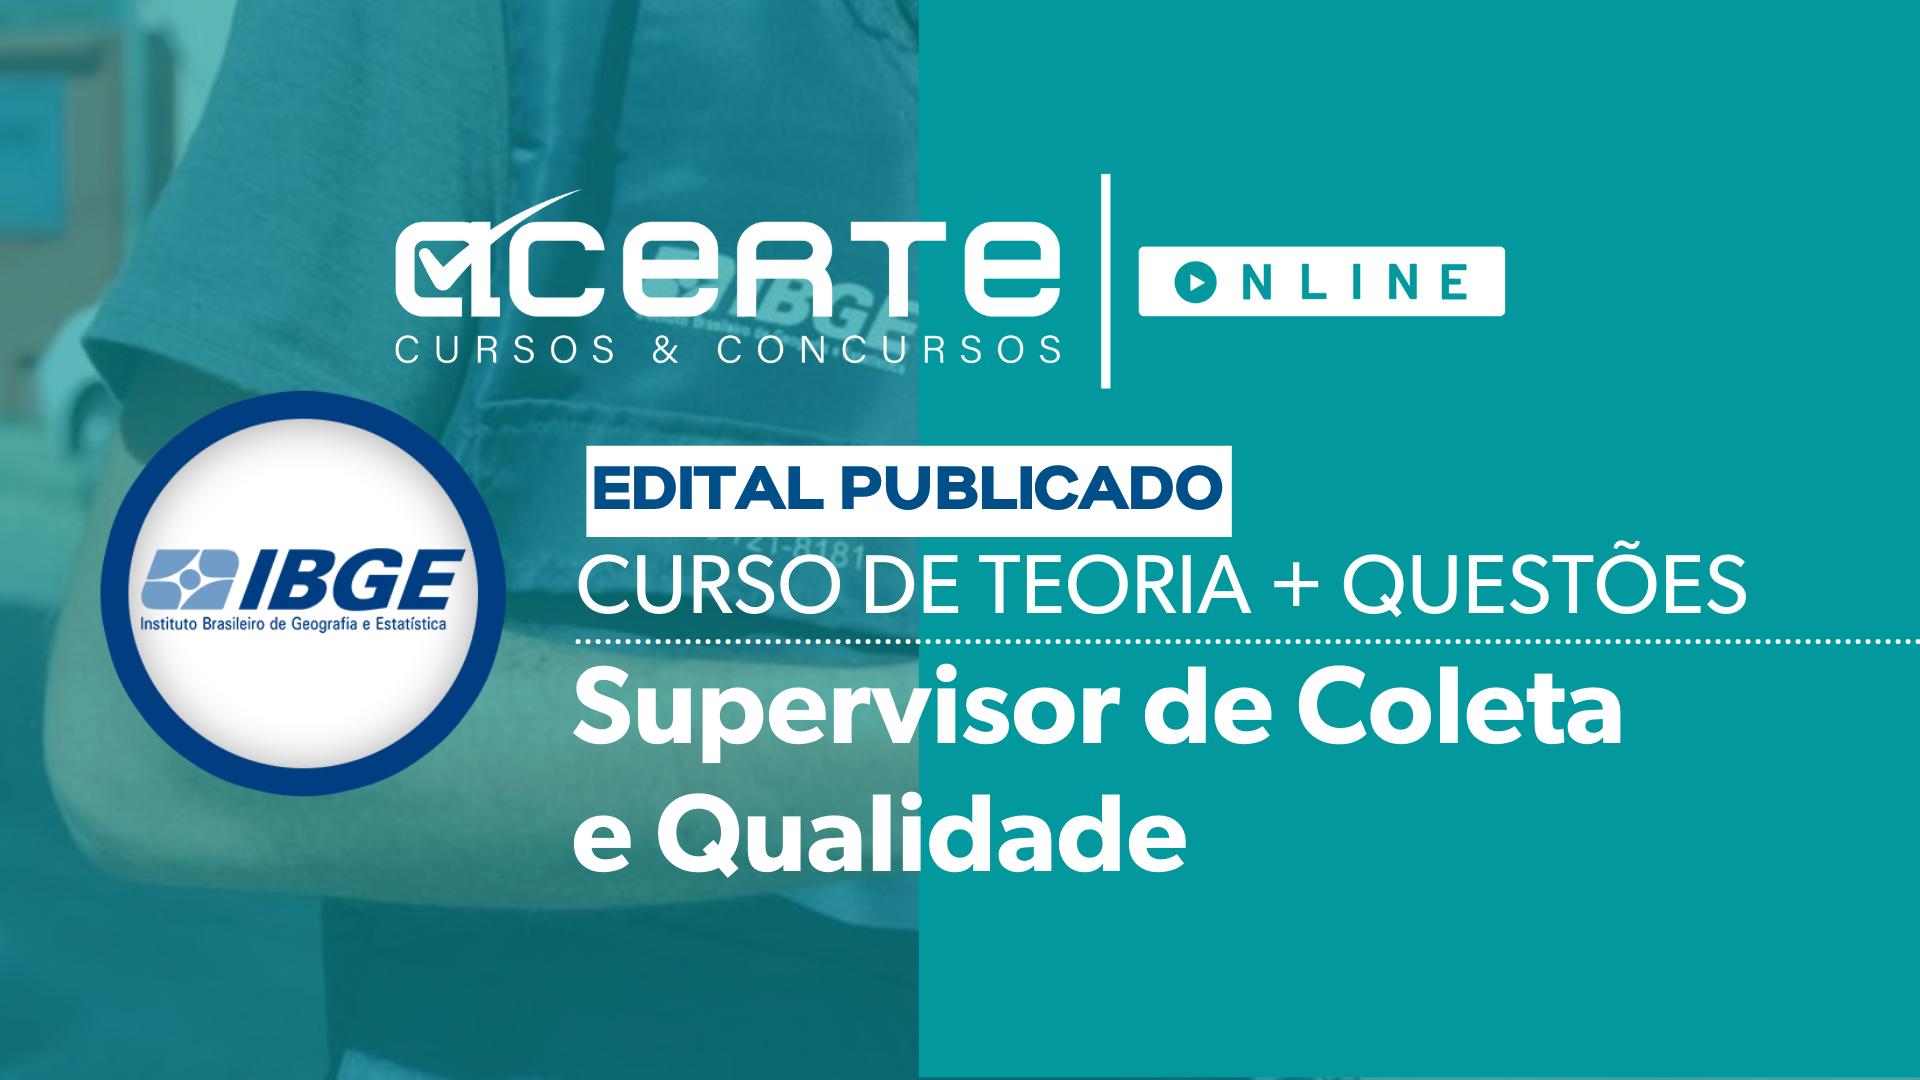 COMBO - IBGE - Supervisor de Coleta e Qualidade